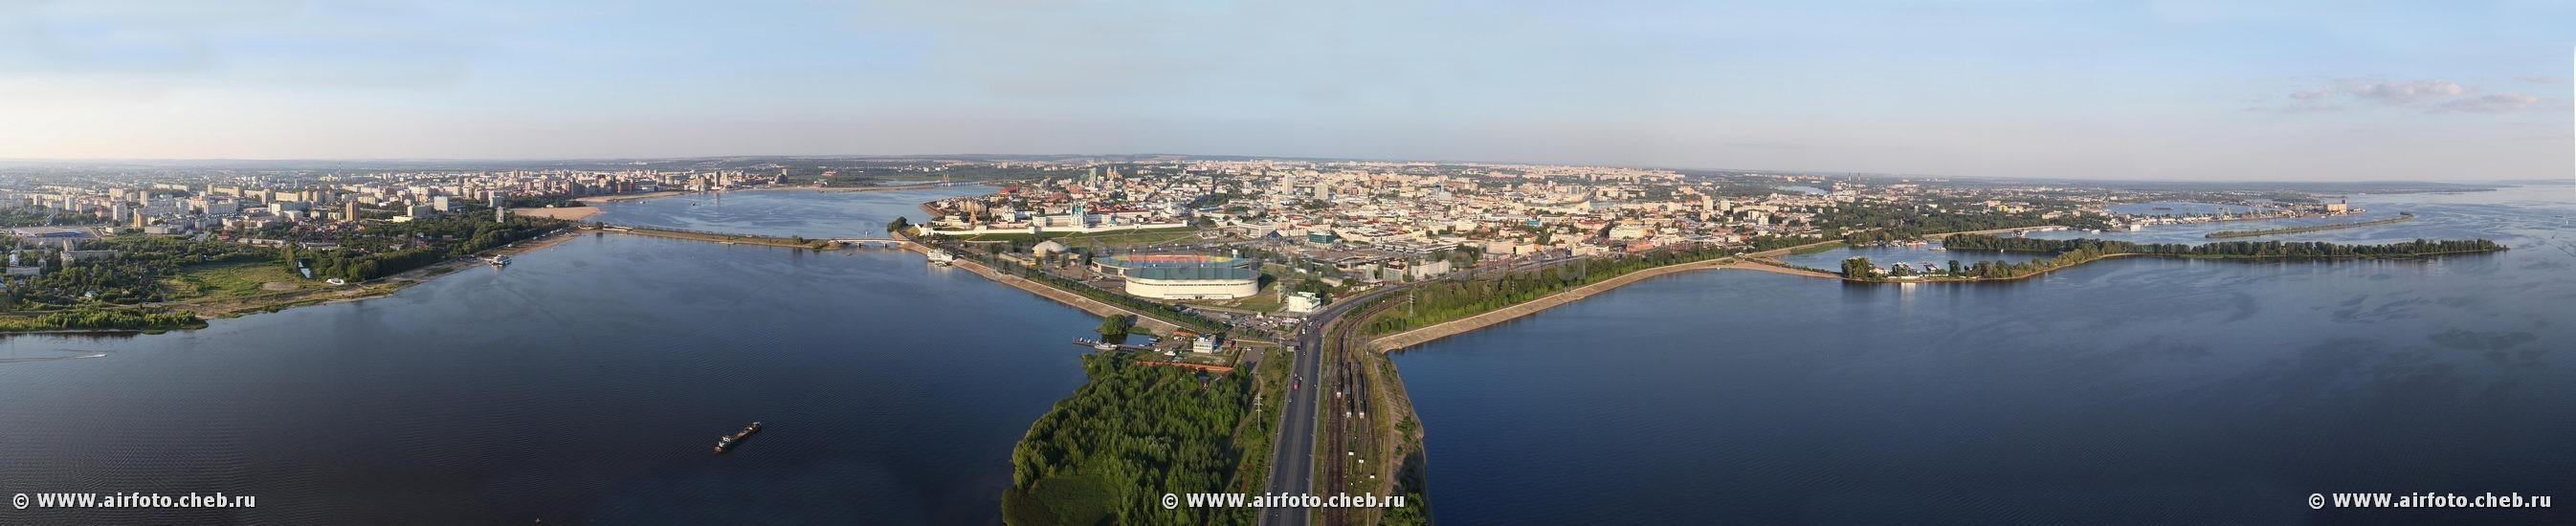 Казань 2009